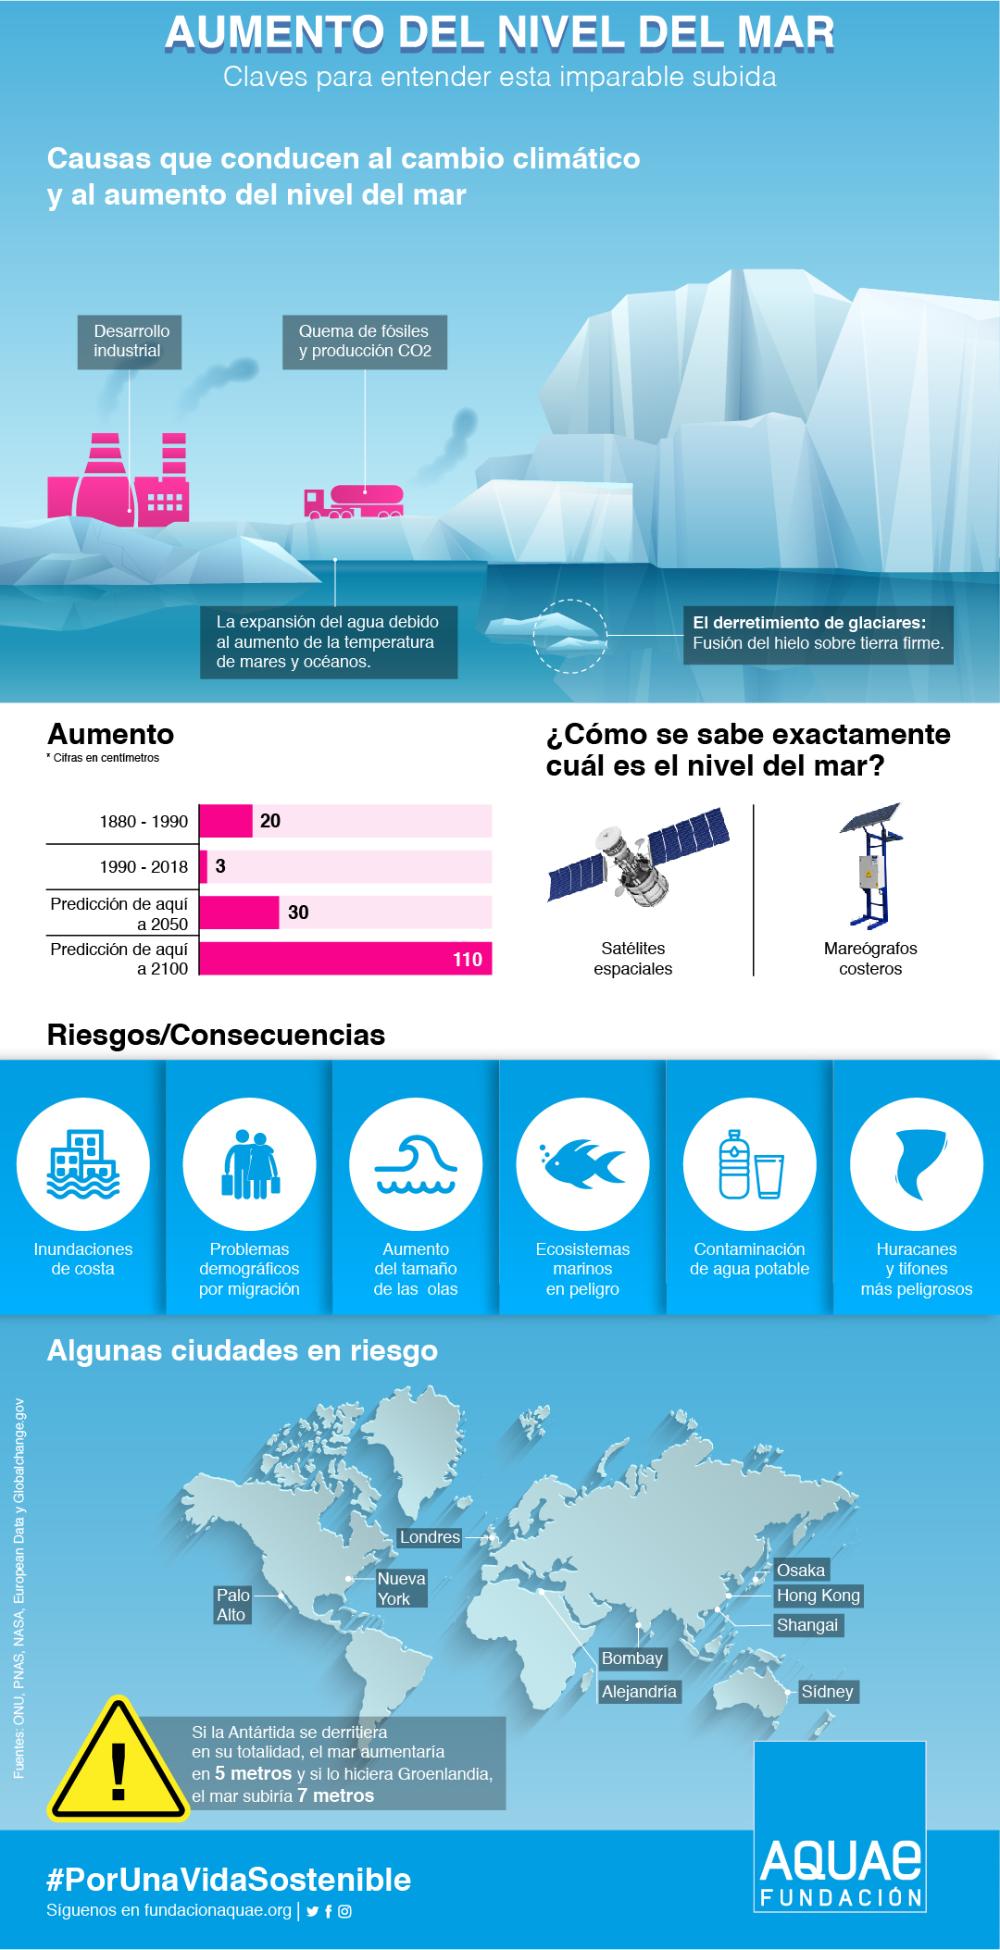 Causas Y Consecuencias Del Aumento Del Nivel Del Mar Aumento Del Nivel Del Mar Nivel Del Mar Consecuencias Del Cambio Climatico